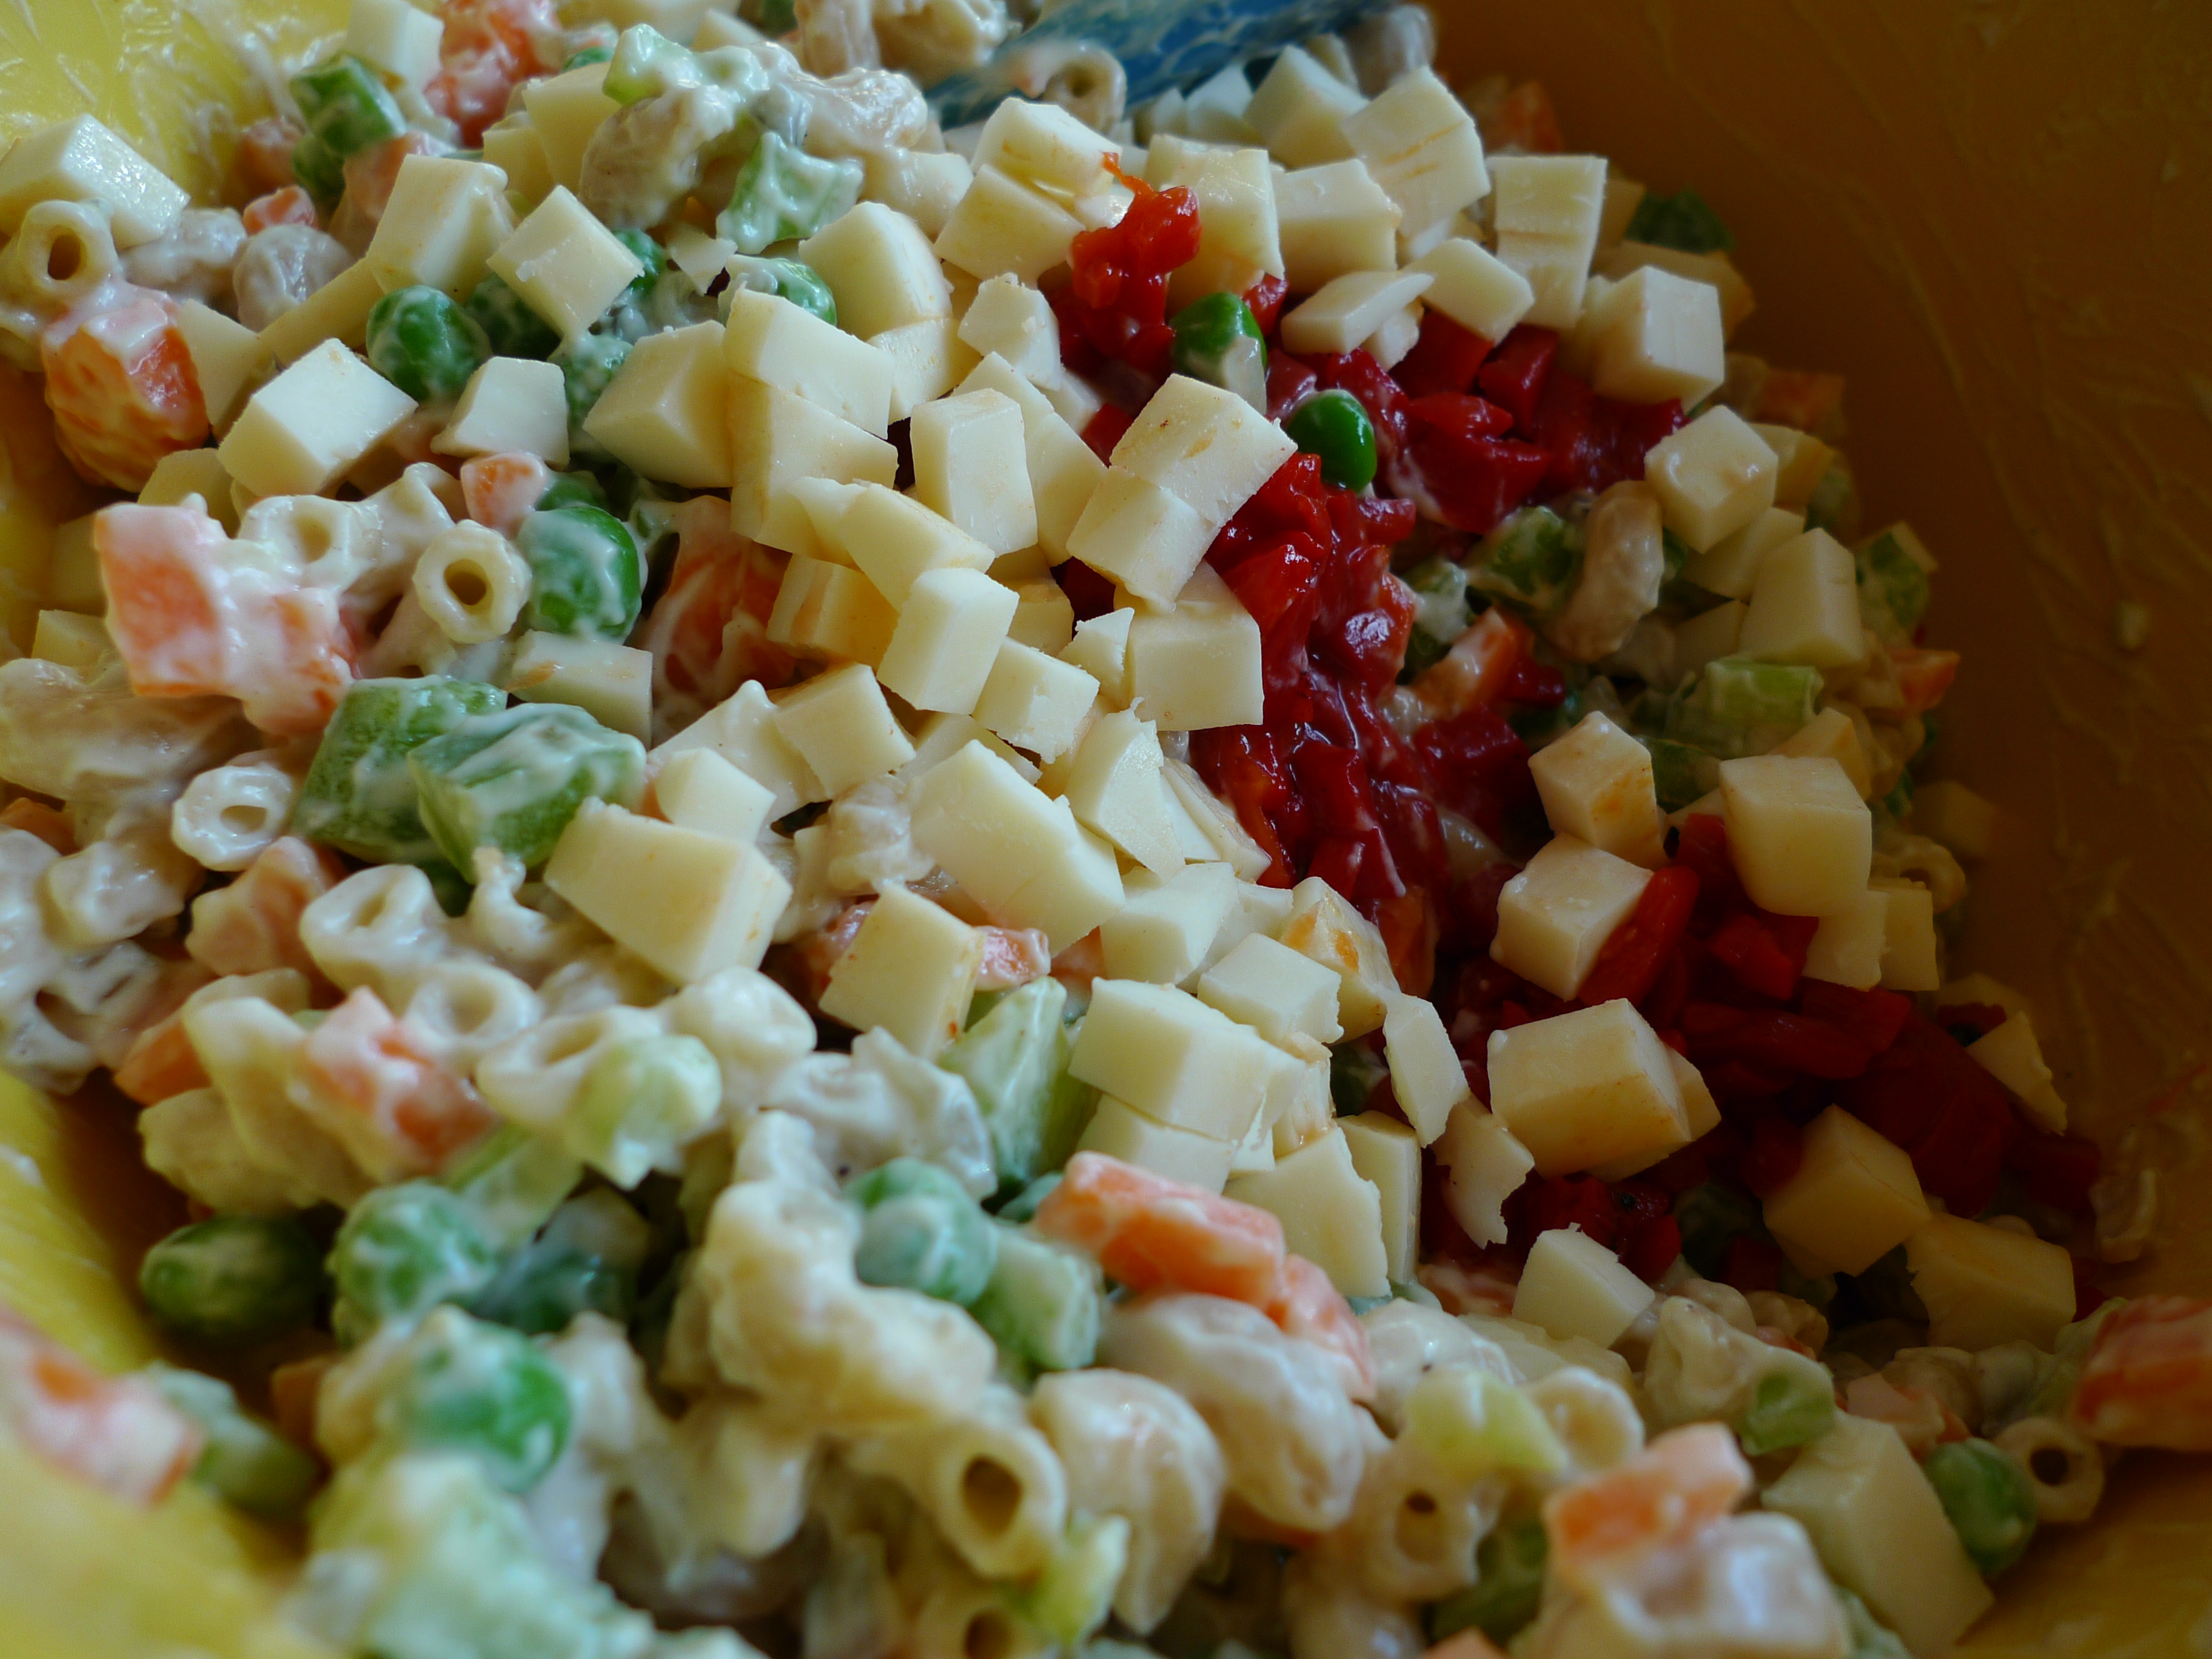 Salad recipes for salad bar